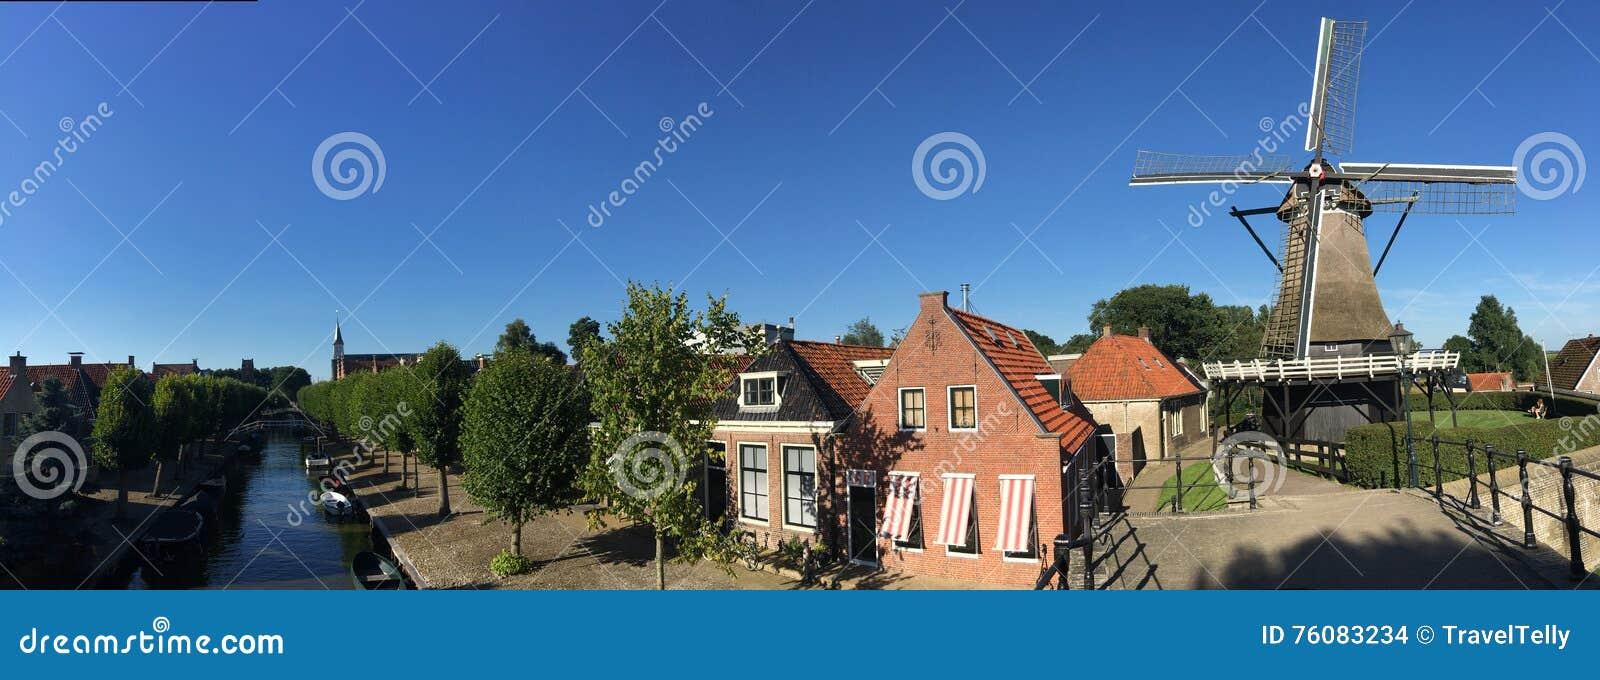 Panorama d un canal, des maisons et d un vieux moulin à vent